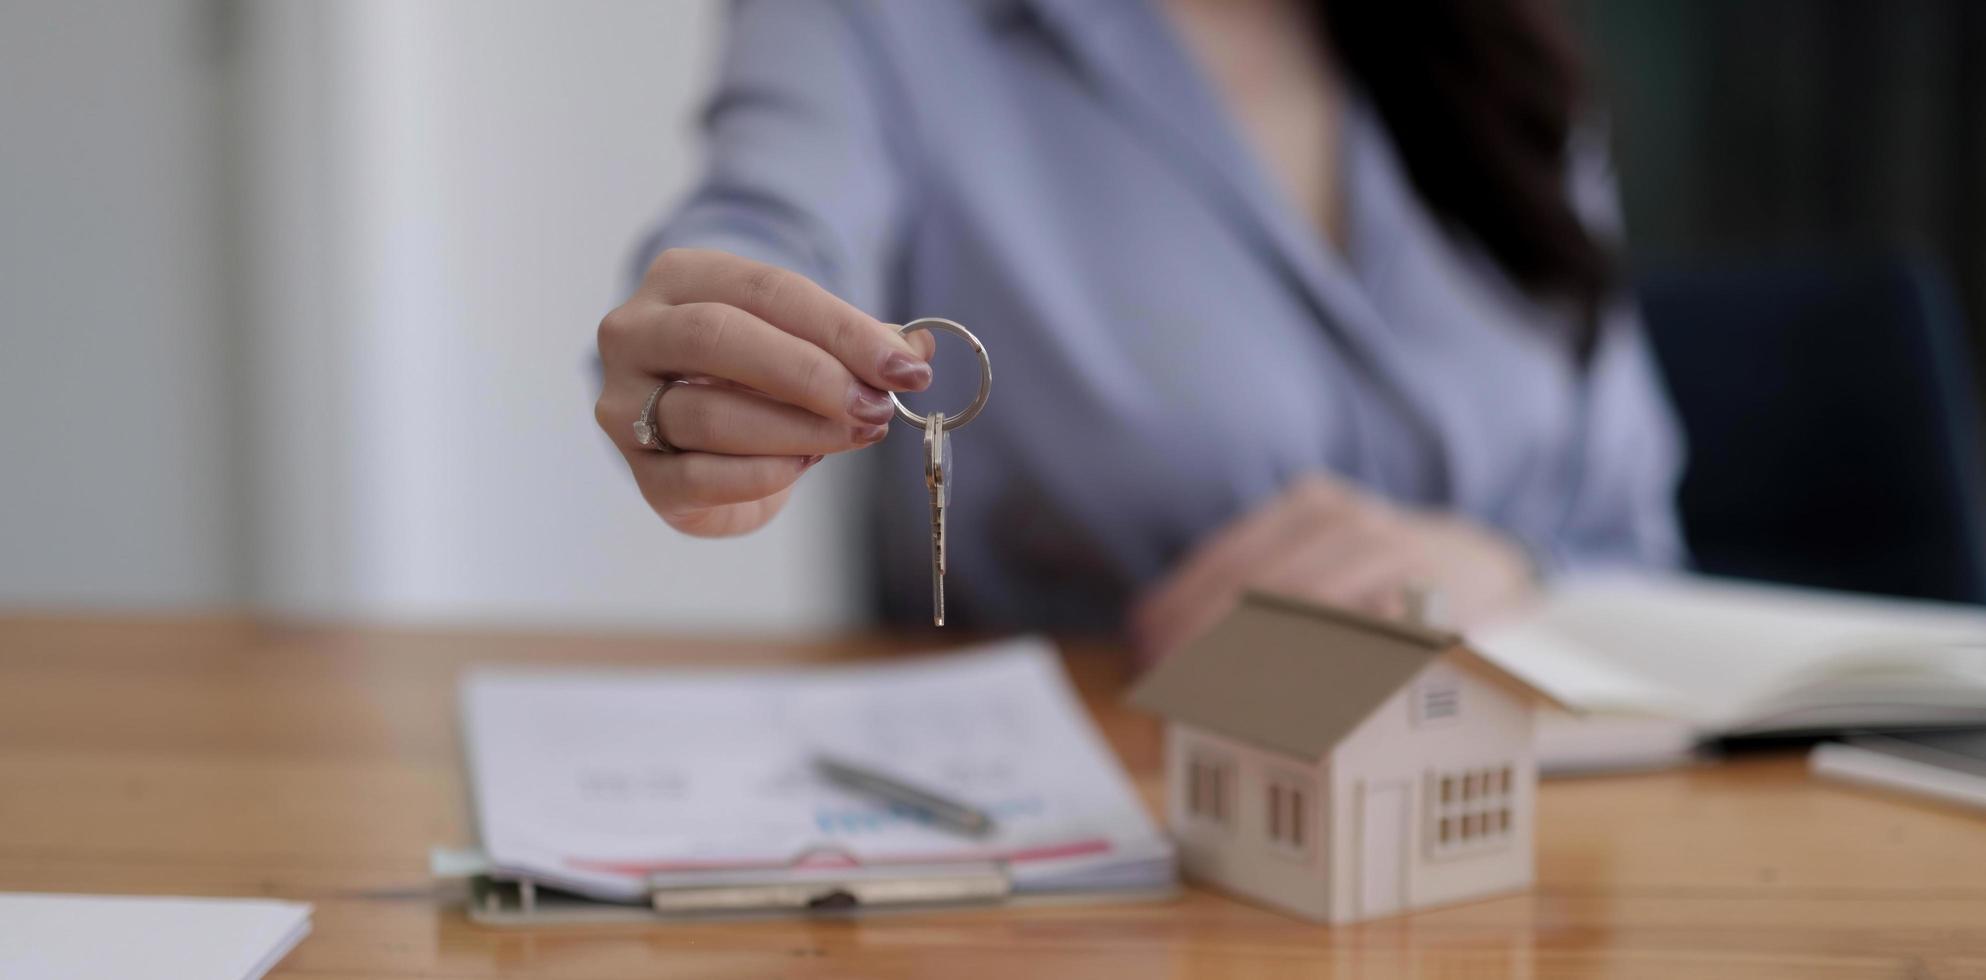 Hausschlüssel im Handschutz des Hausversicherungsmaklers oder in der Verkäuferperson, die dem Käufer des Kundenbesitzers übergibt foto